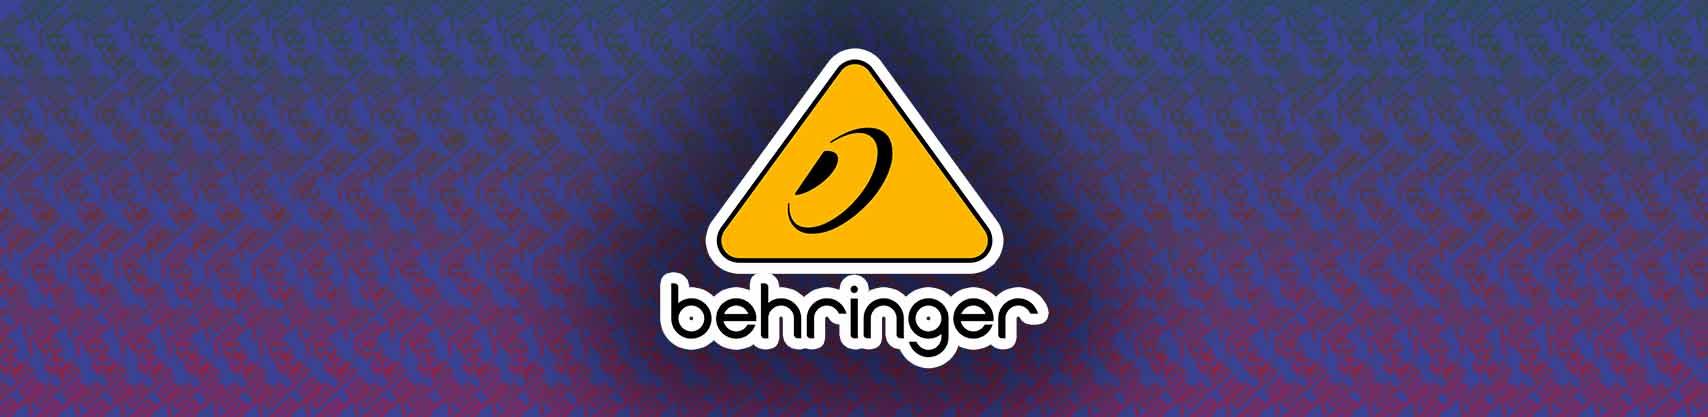 Behringer ADI21 Manual